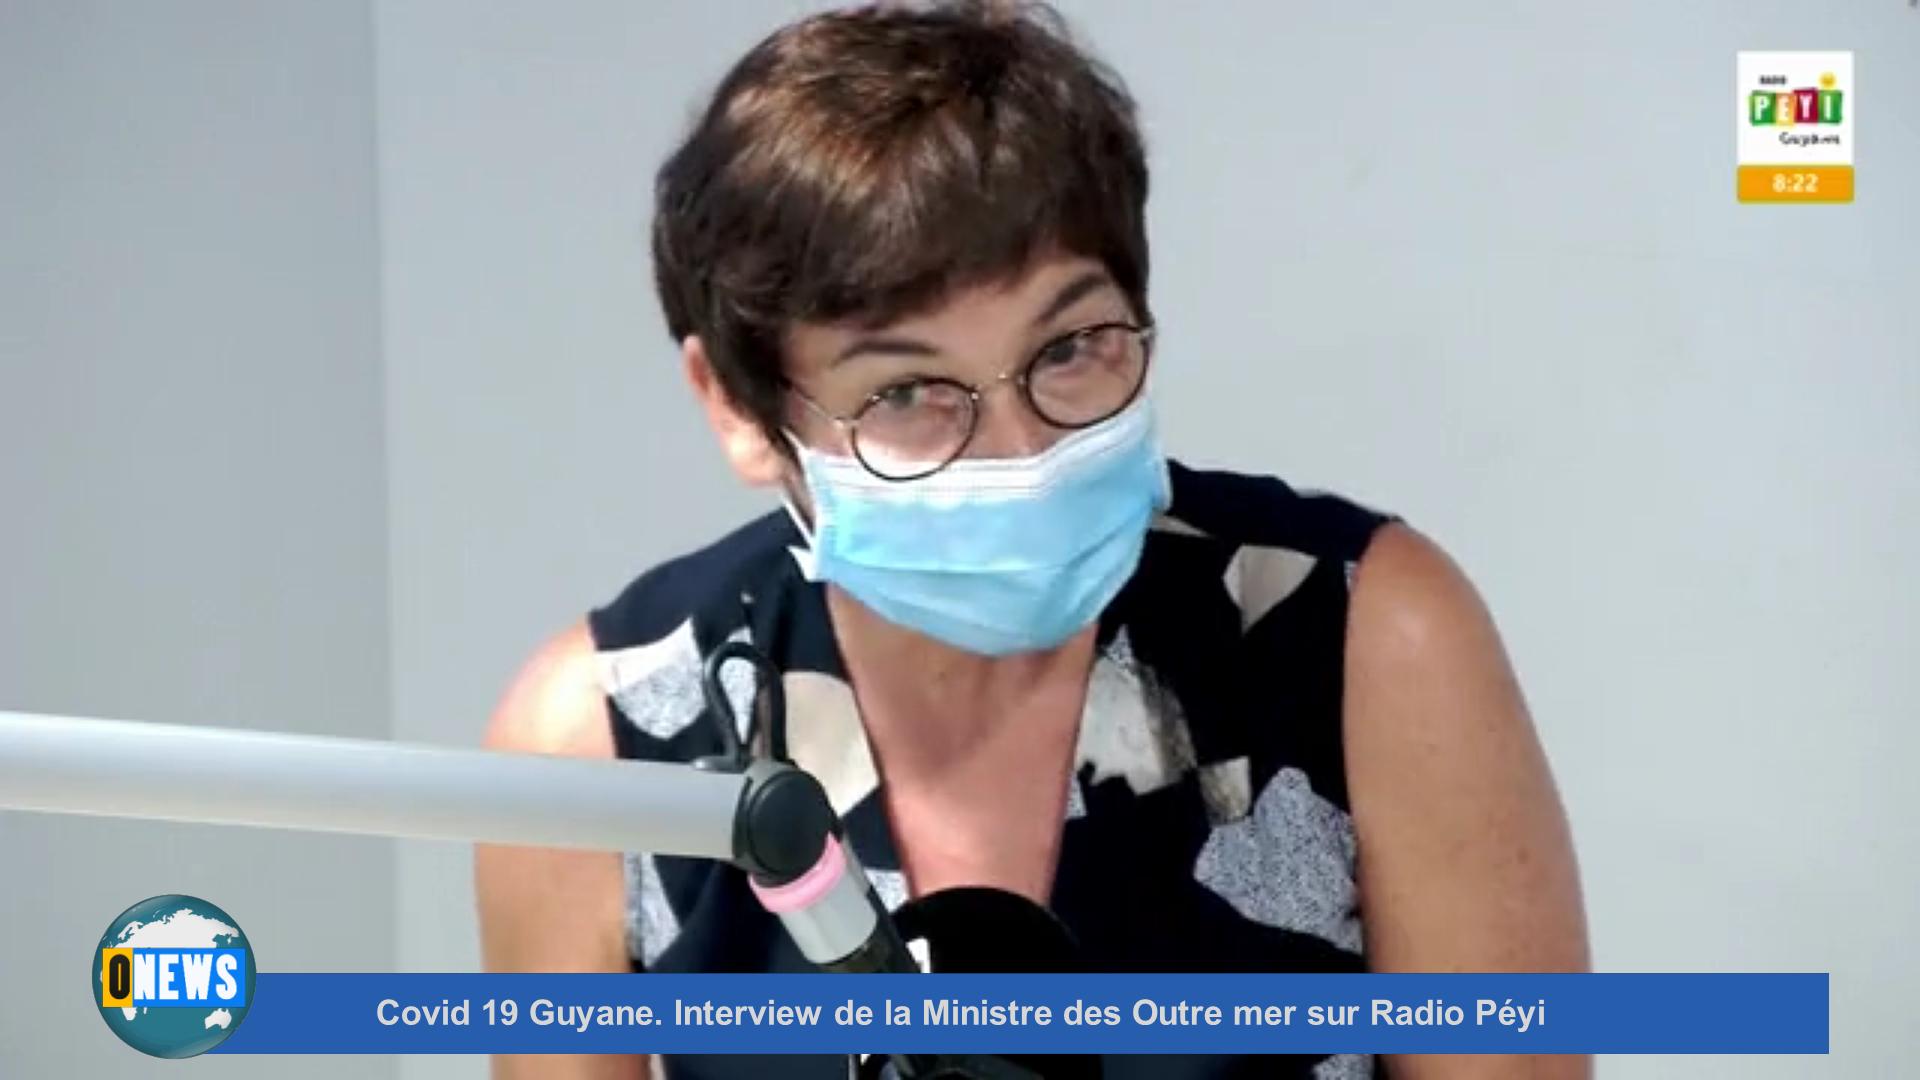 [Vidéo] Covid 19 Guyane. Interview de la Ministre des Outre mer sur Radio Péyi